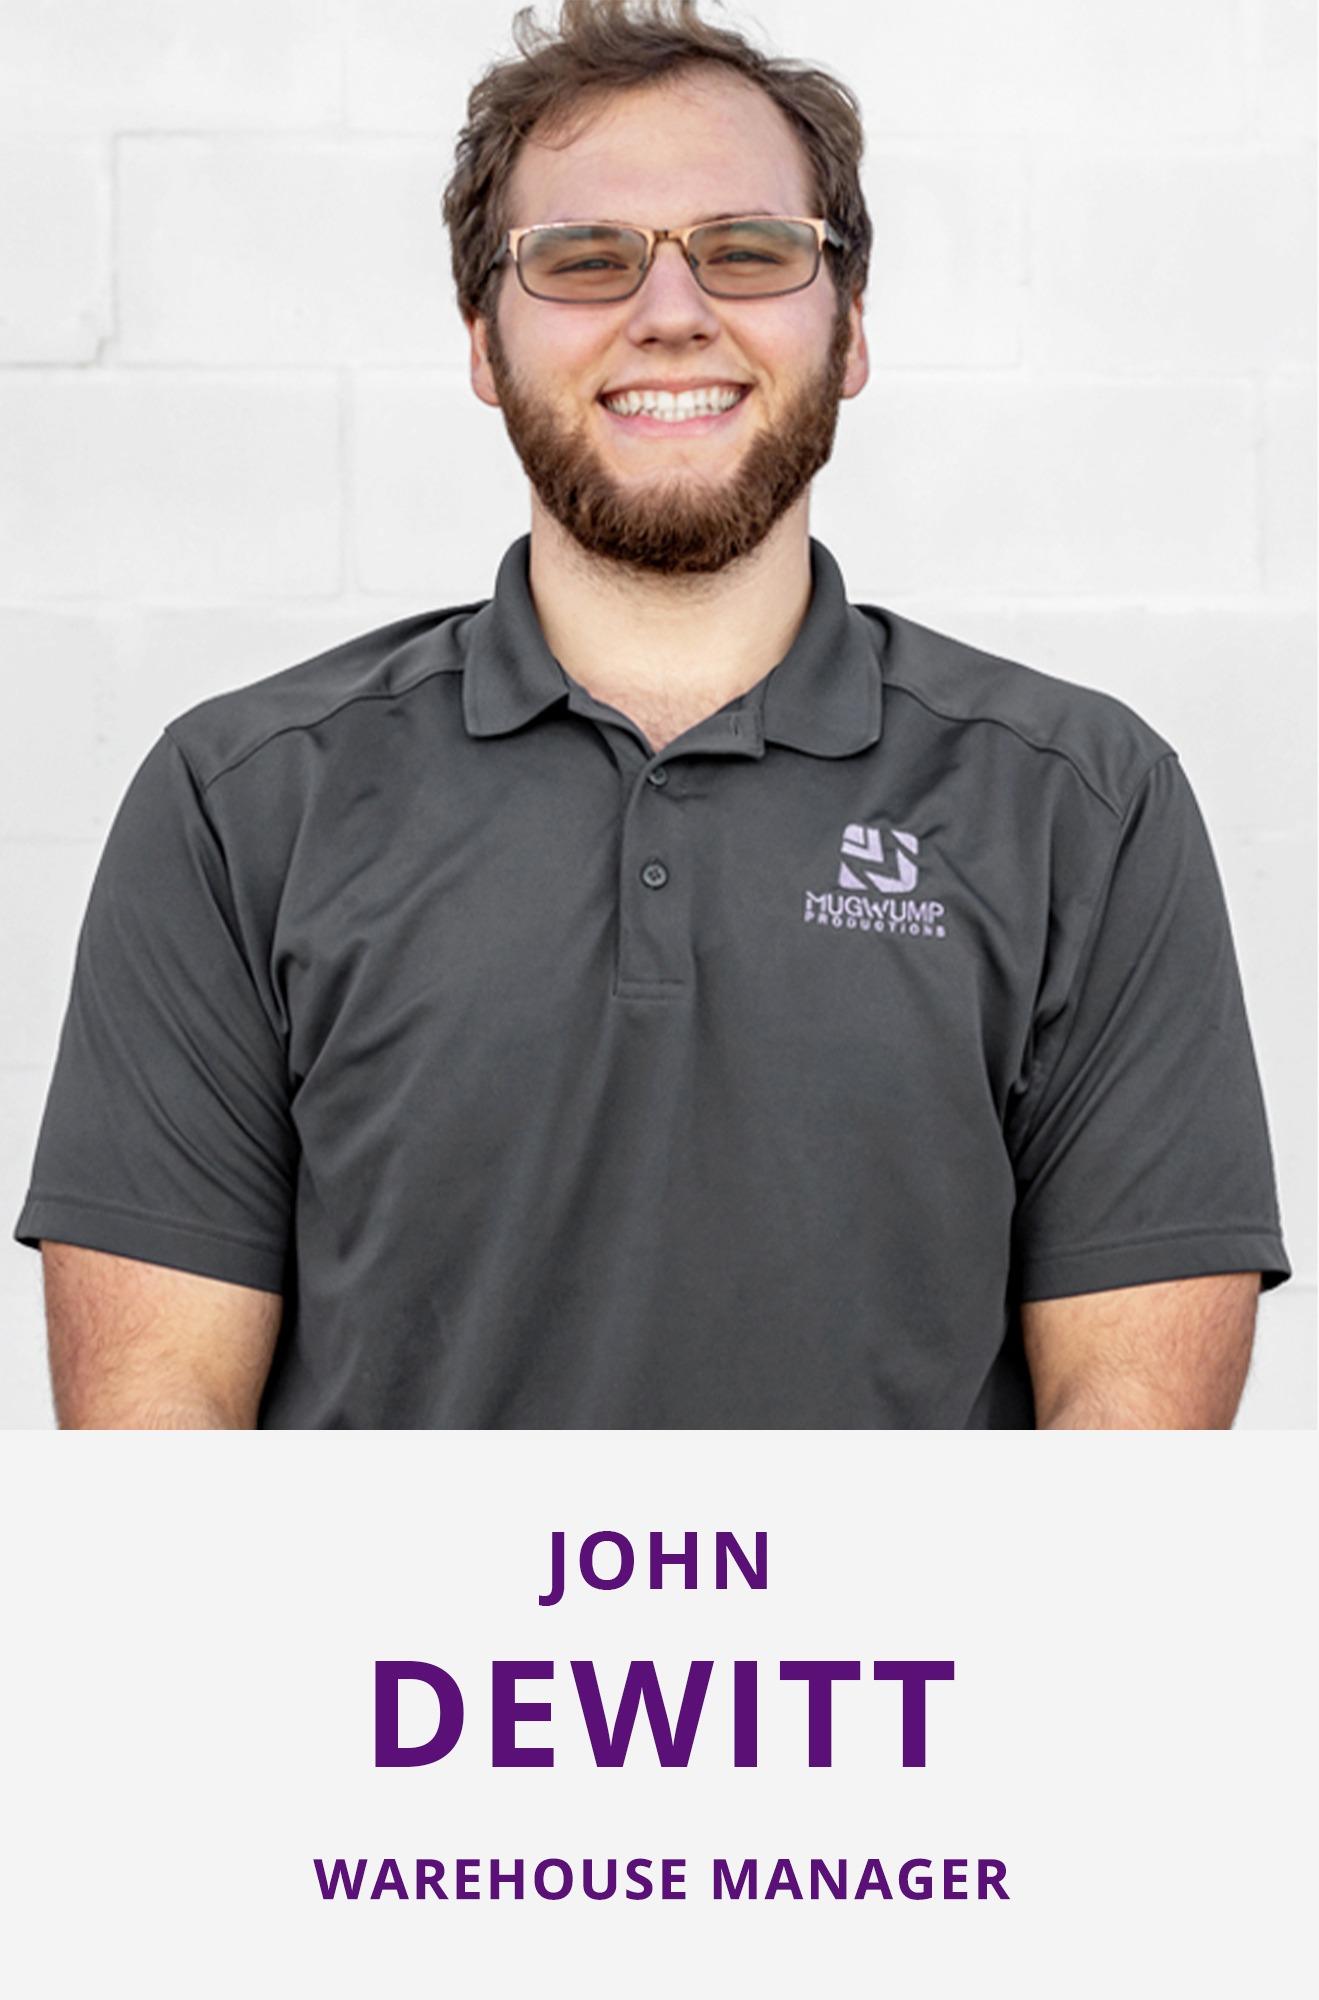 John Dewitt